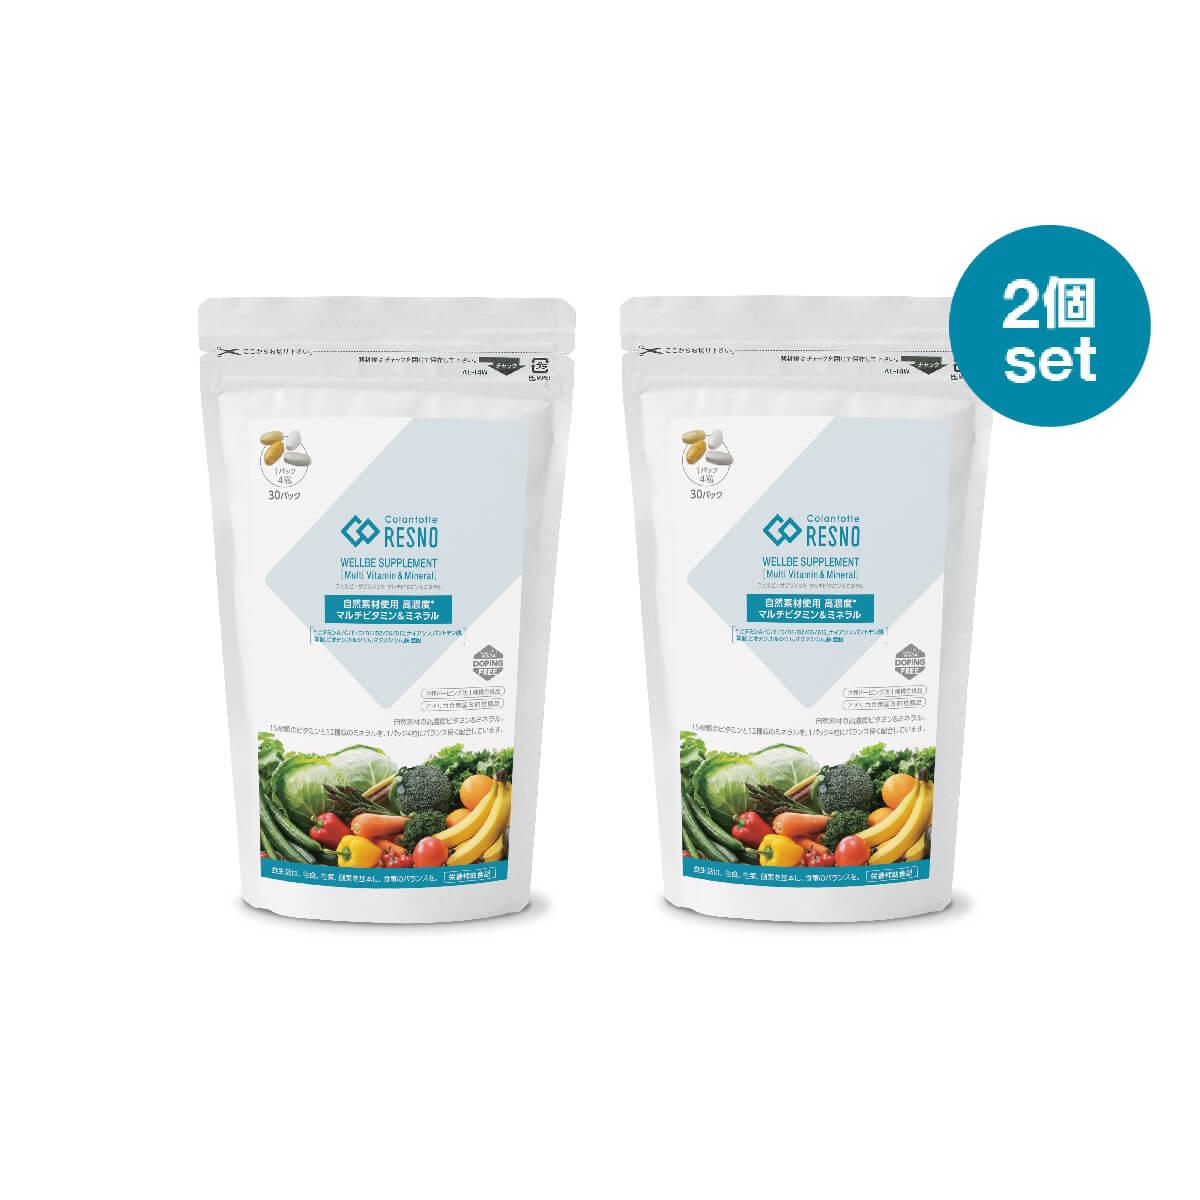 コラントッテRESNO ウェルビィサプリ Multi Vitamin & Mineral(2個セット)